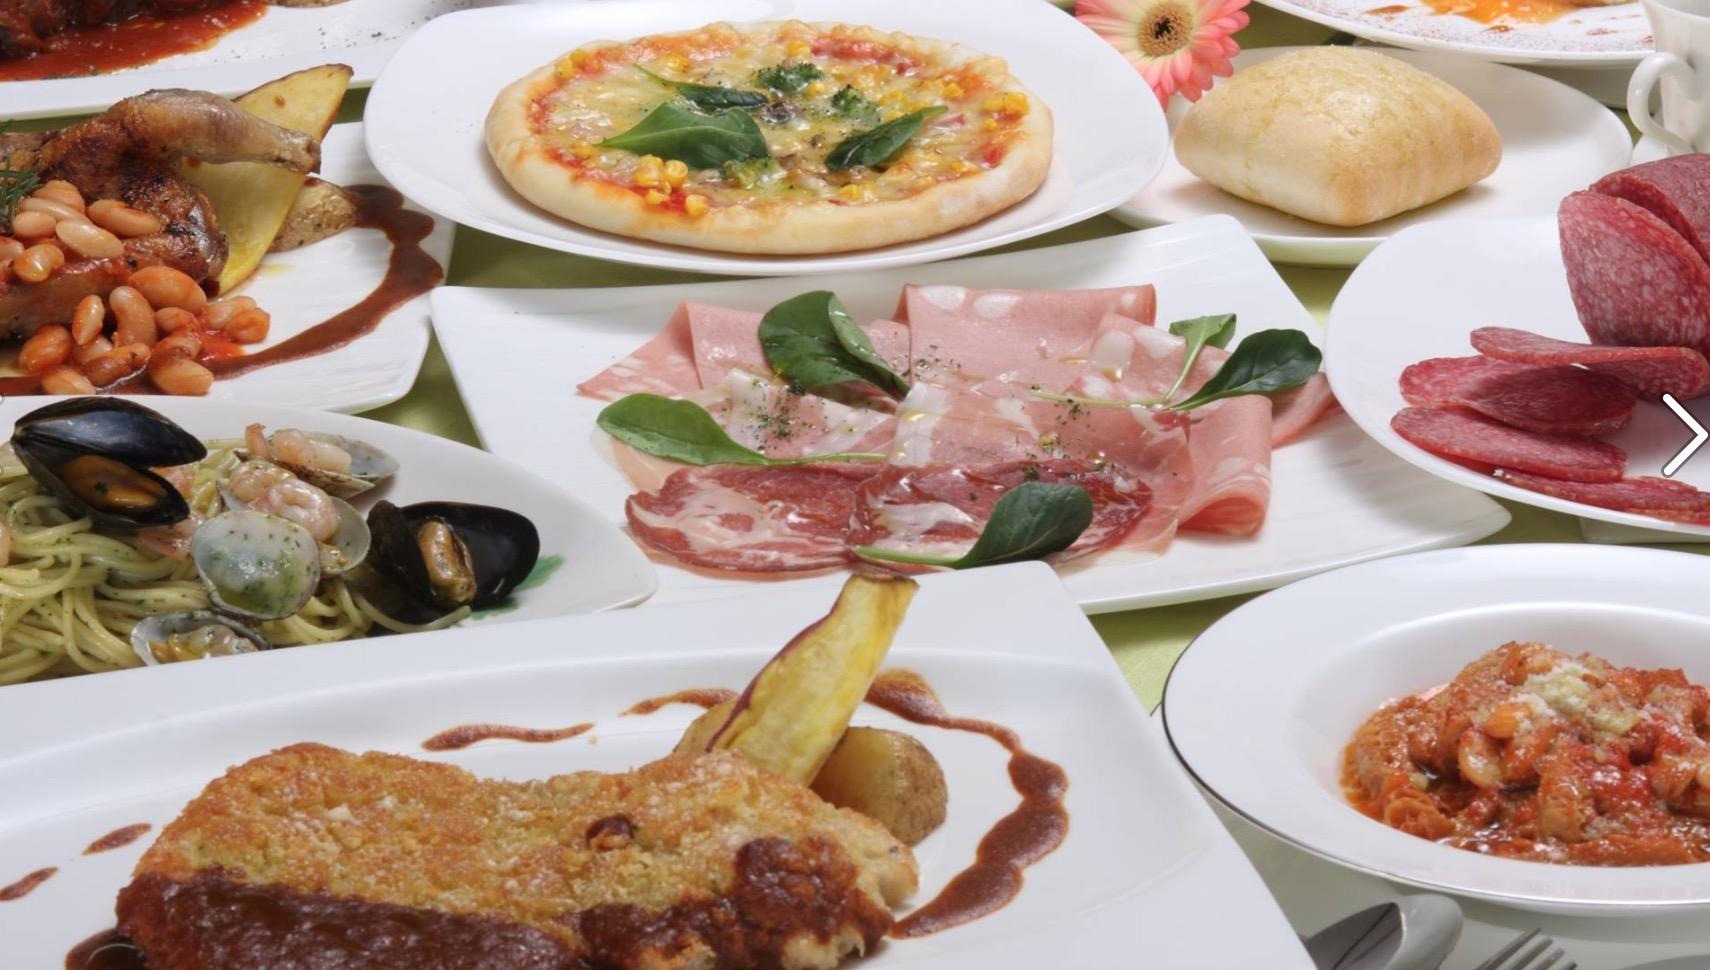 【熊本市東区】Trattoria OGGIのテイクアウト&デリバリー情報!イタリアの心温まる家庭料理を自宅で!!